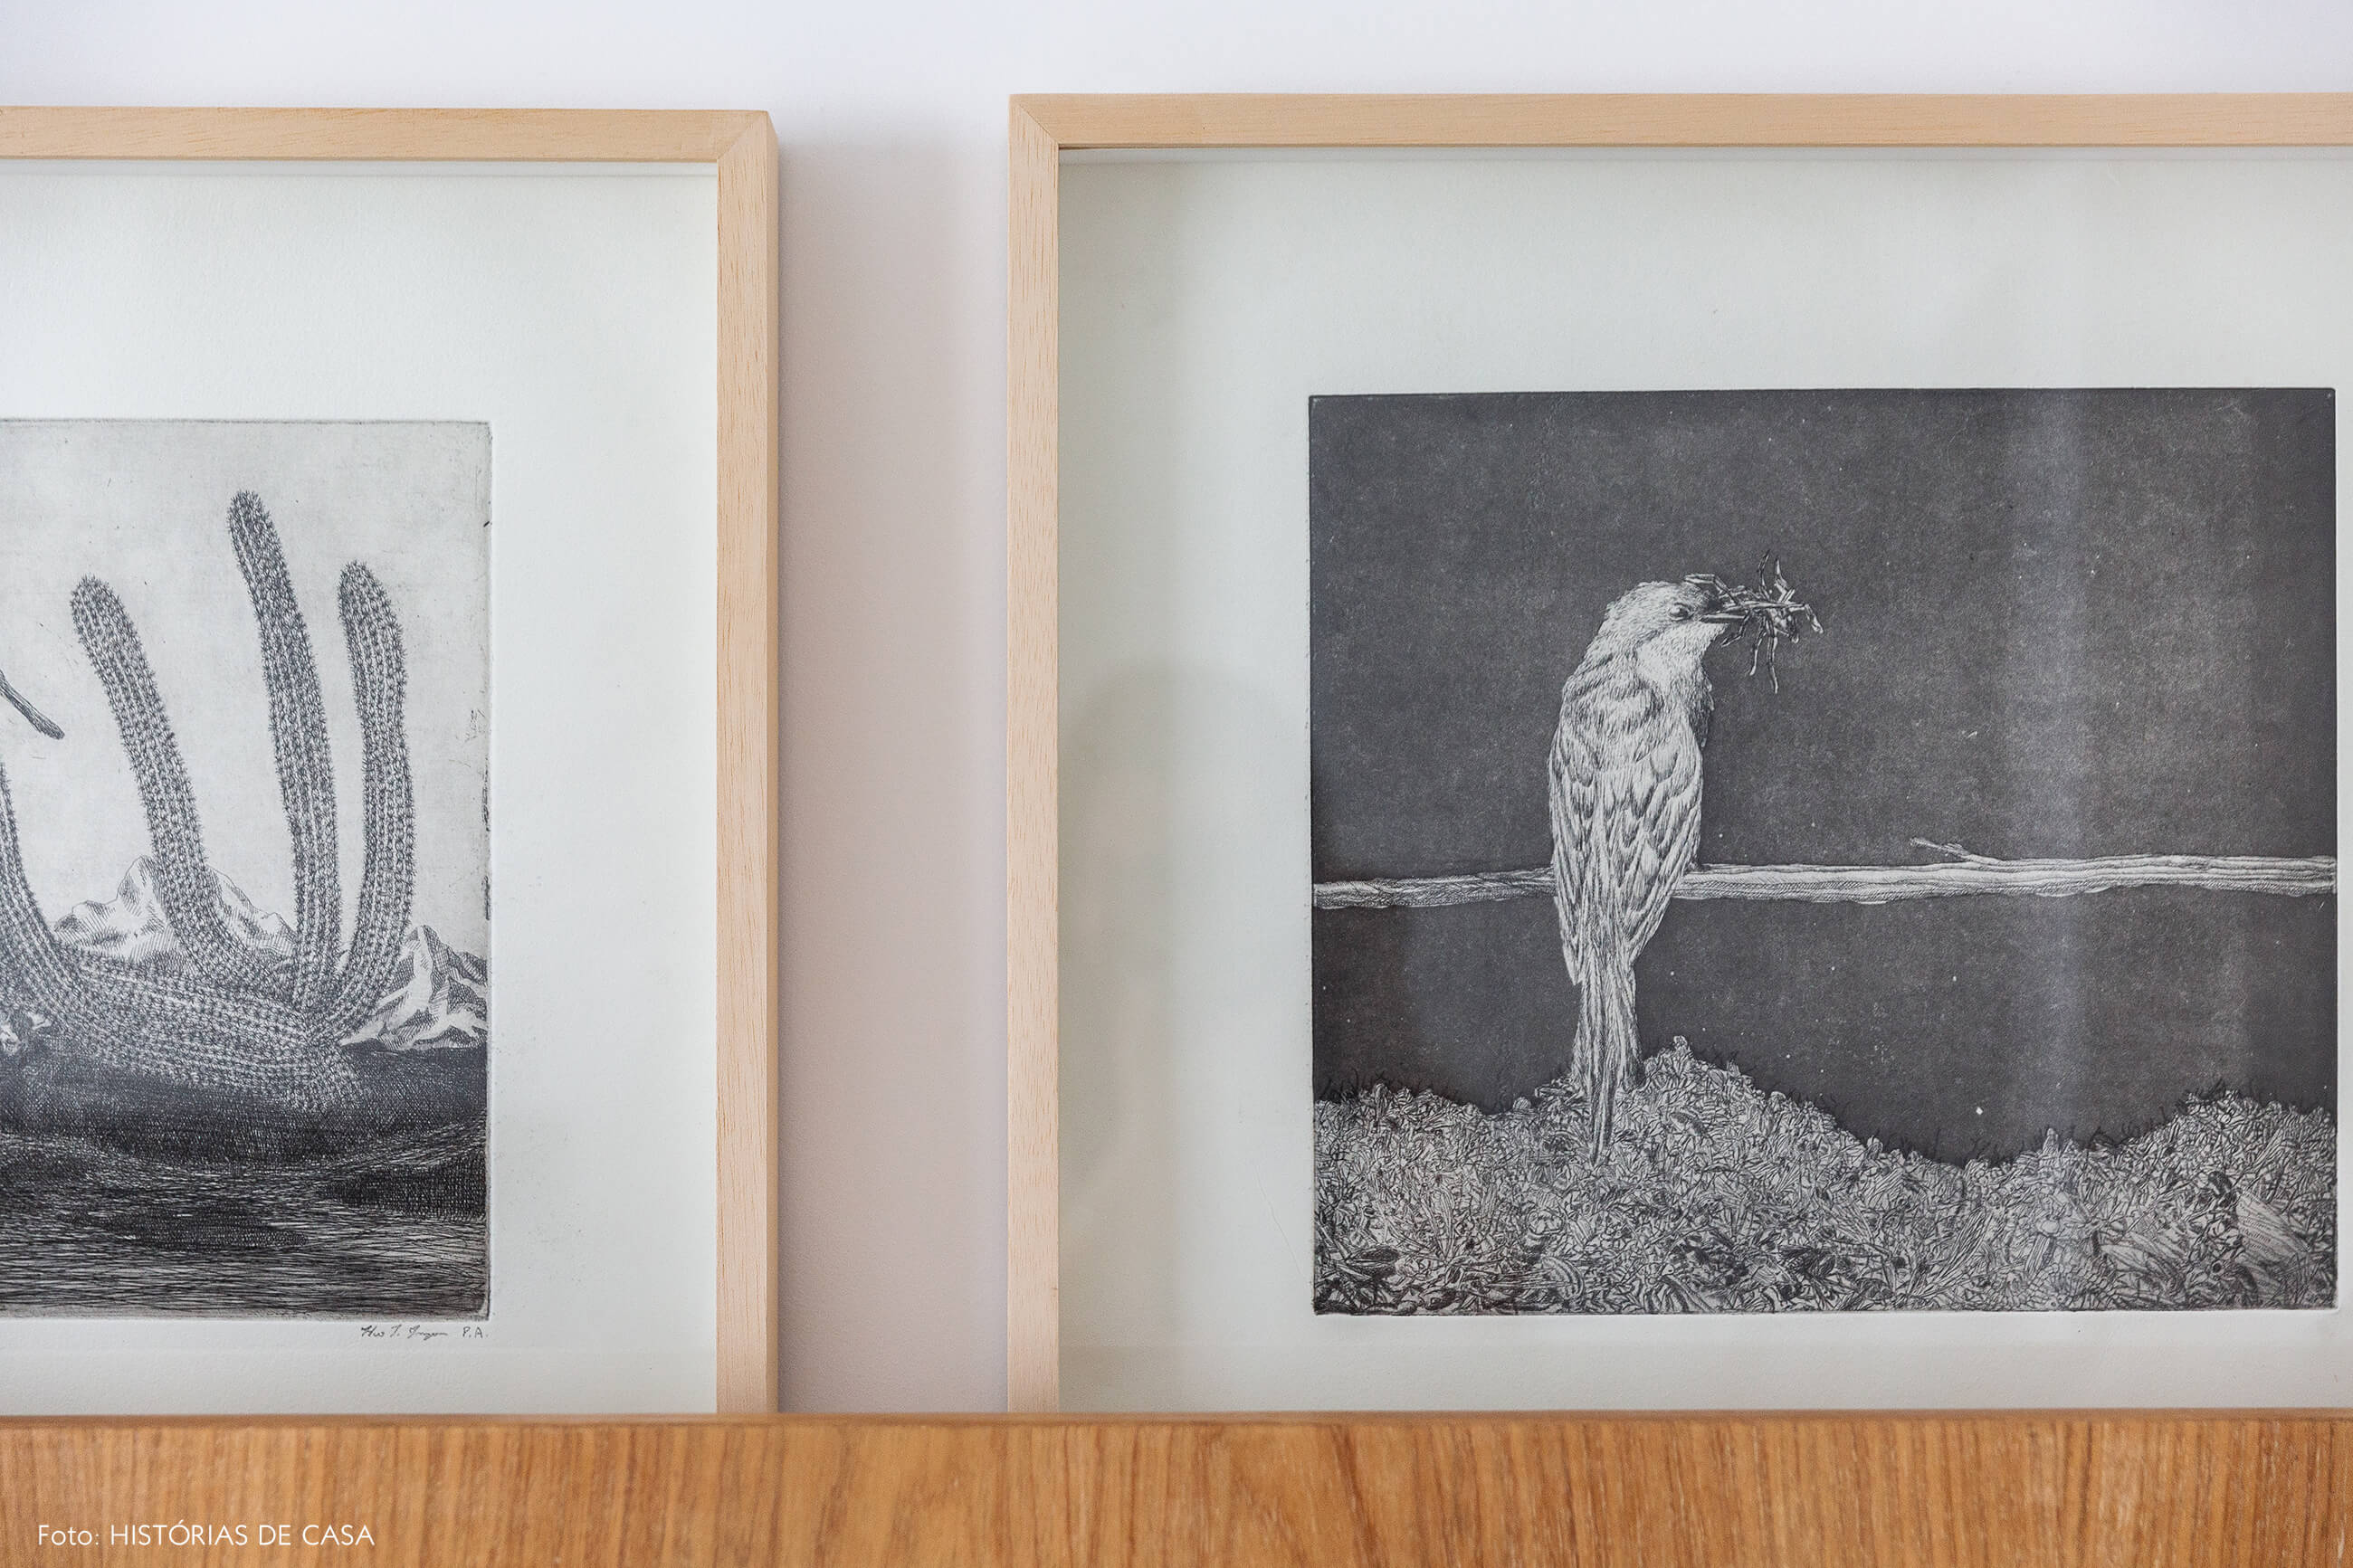 Quarto com cabeceira de madeira e gravuras em preto e branco